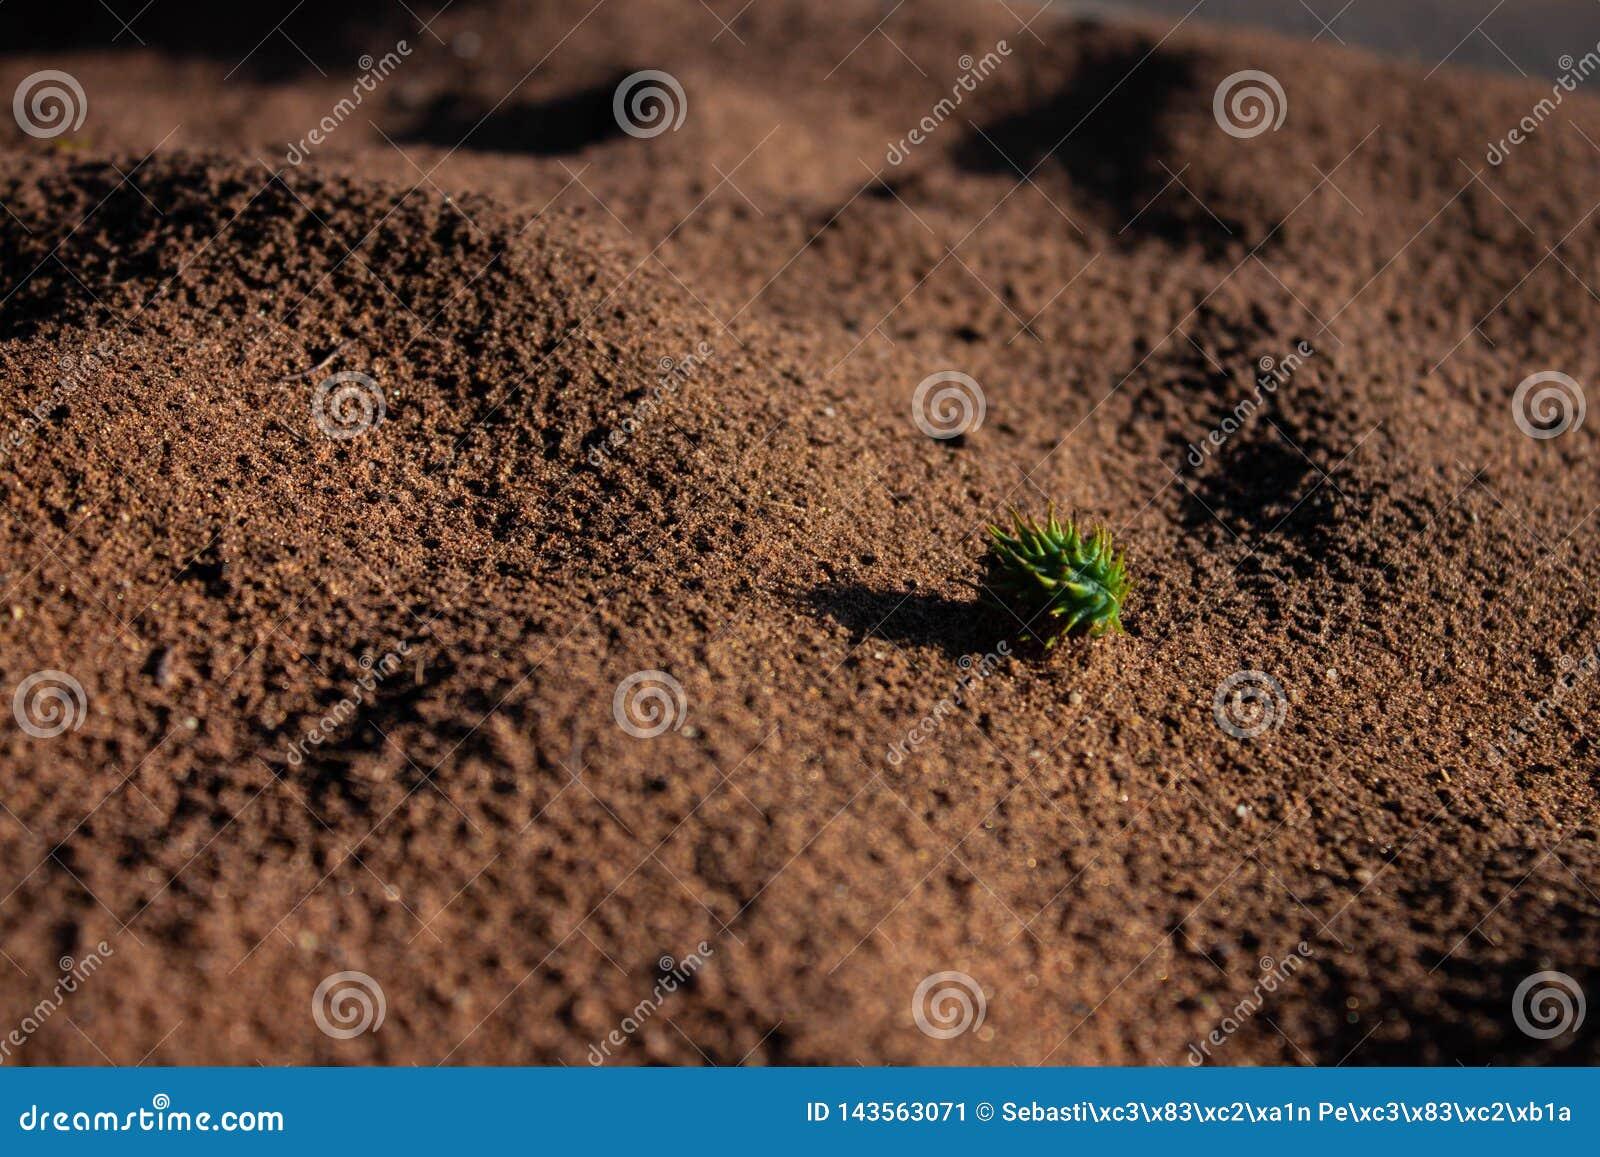 Zaad op woestijn